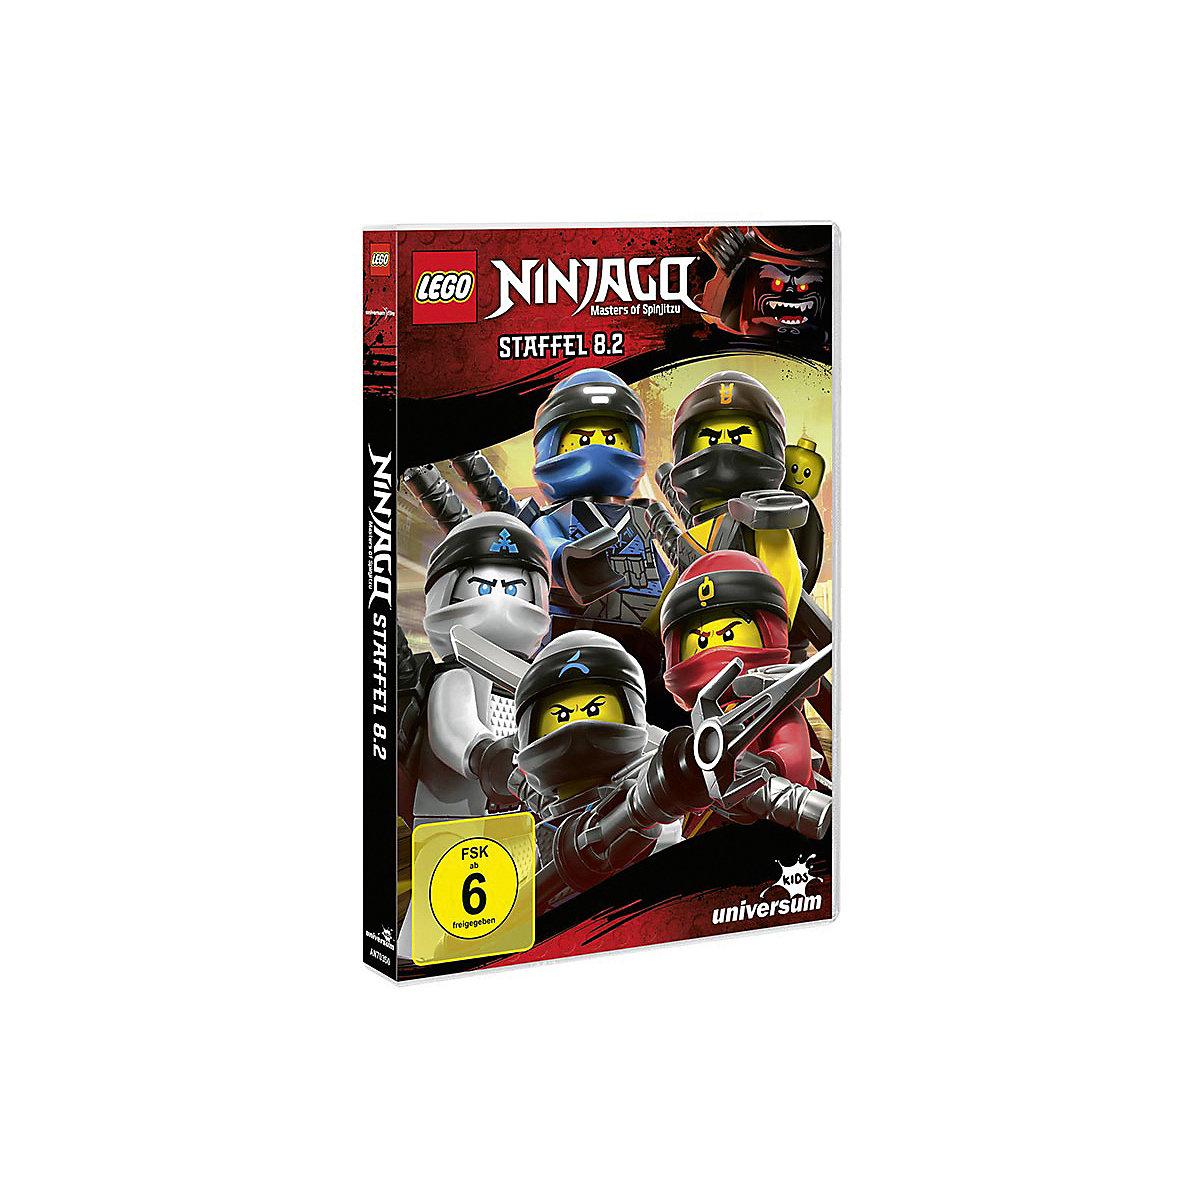 Lego Ninjago Staffel 6